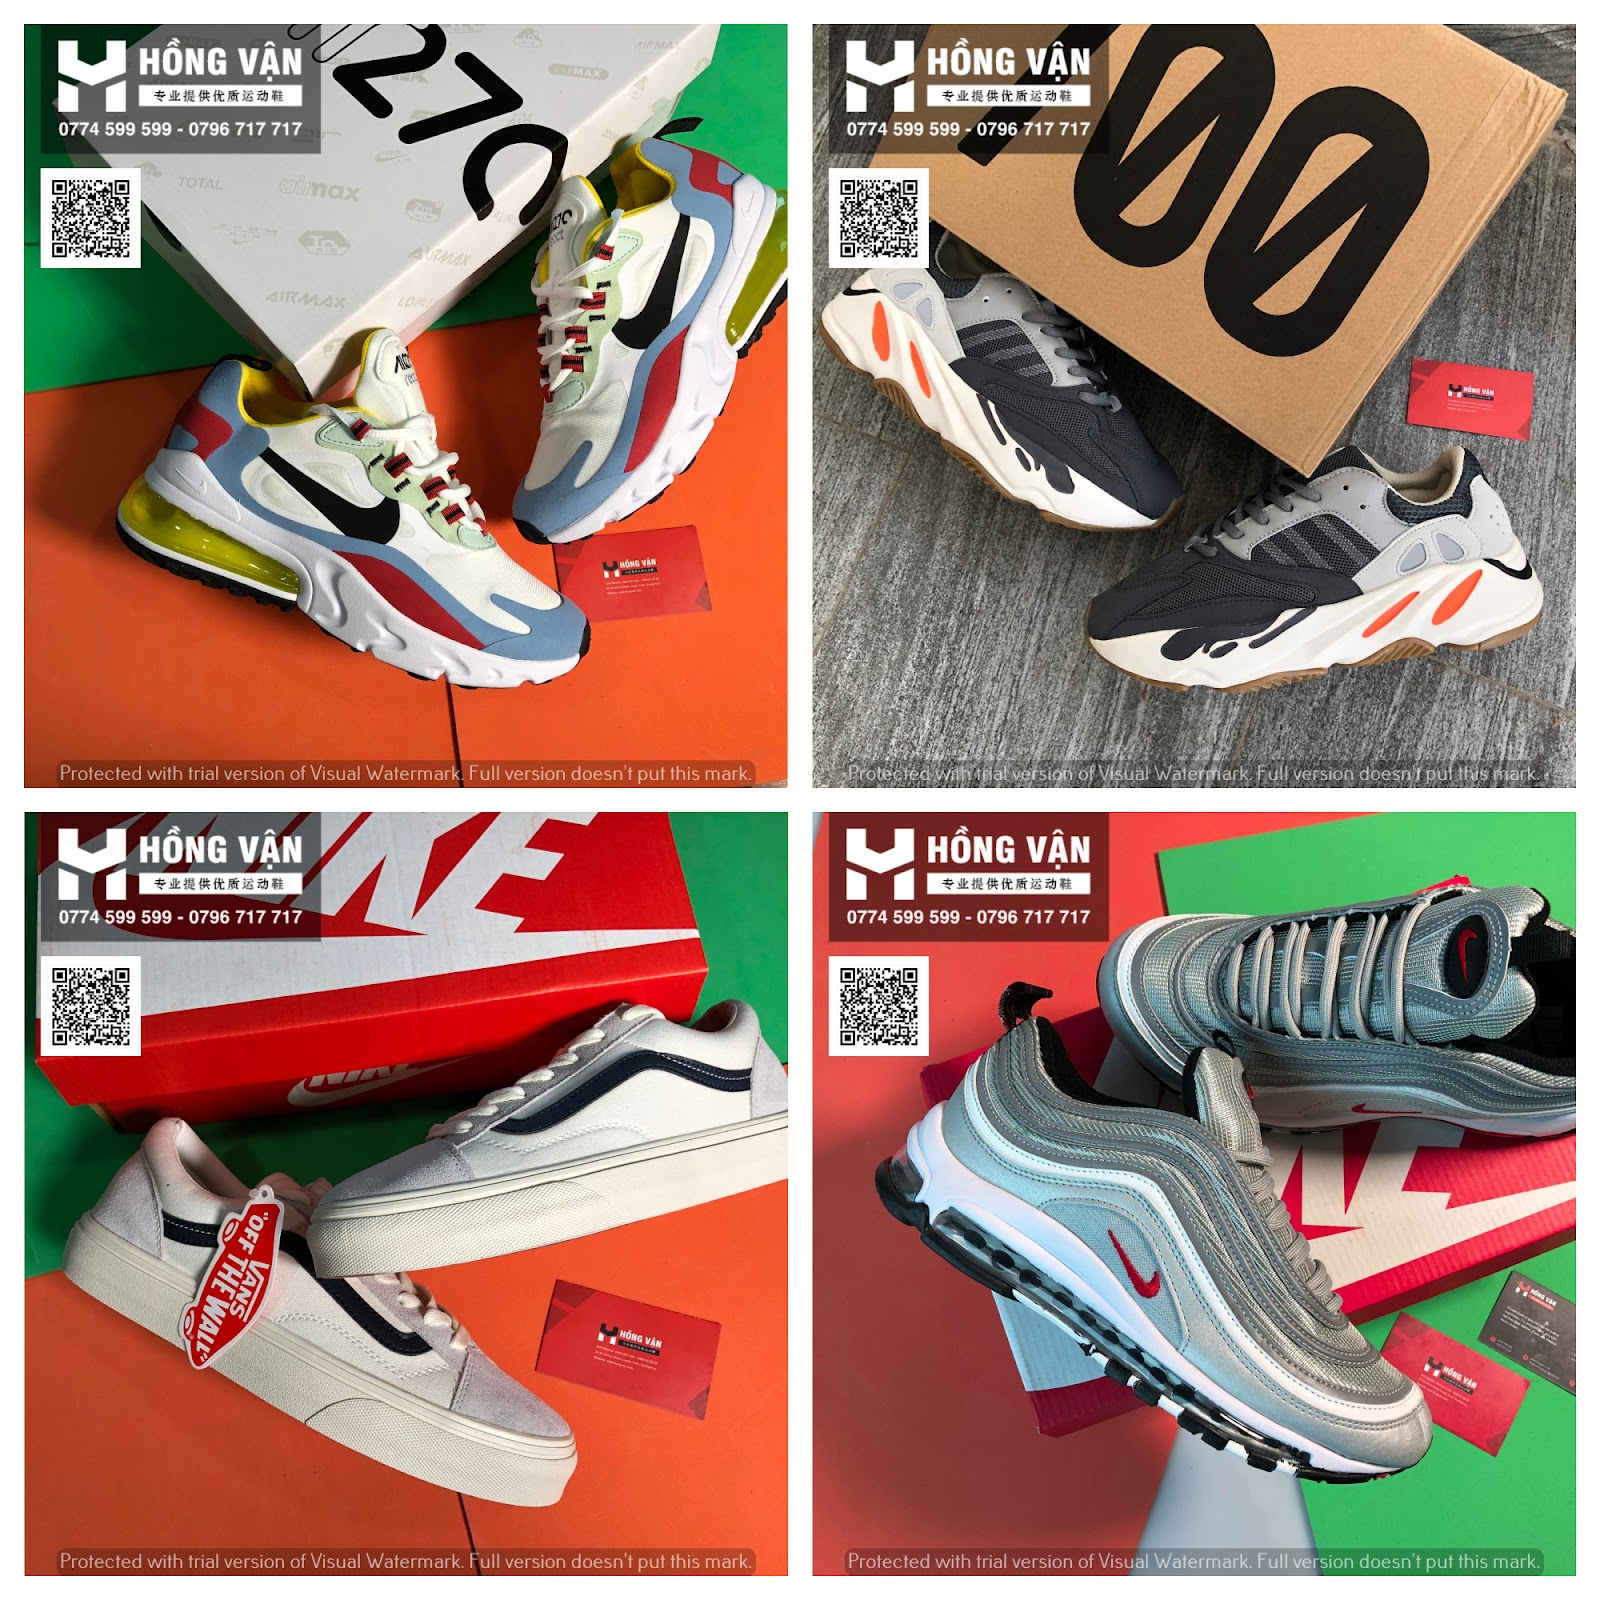 Hồng Vận - Tổng buôn sỉ giày thể thao chất lượng , uy tín   hình thật 100